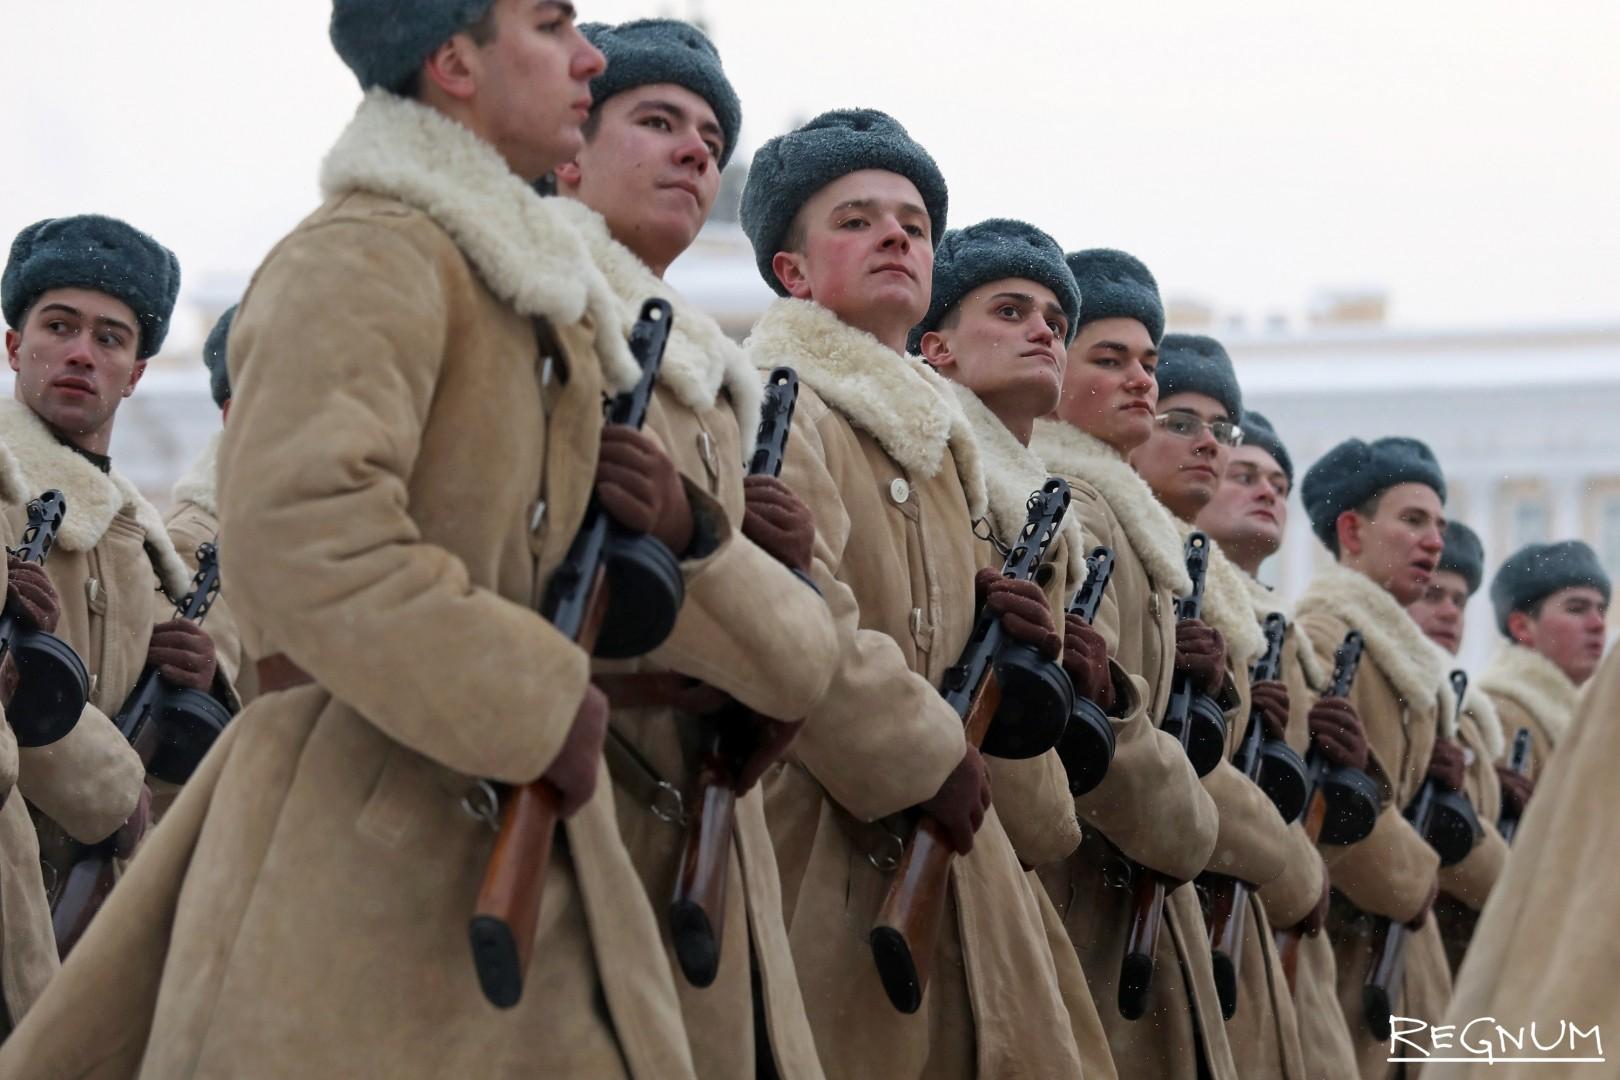 Военнослужащие в форме дивизии народного ополчения